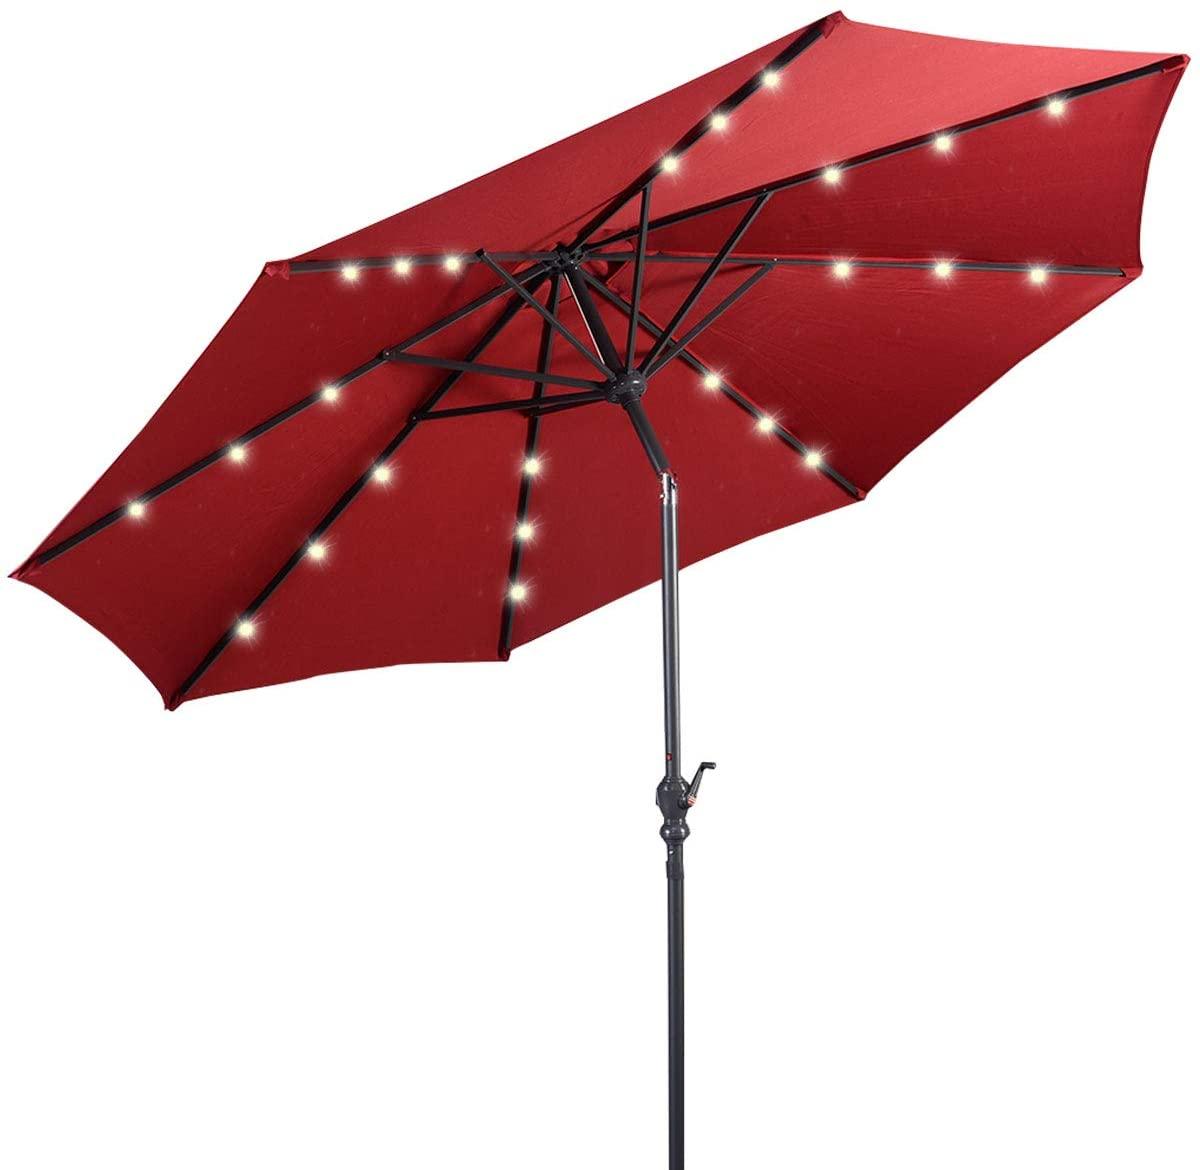 Giantex 10ft Solar Patio Umbrella Outdoor with Lights, 8 Ribs Steel Market Umbrella, Easy Push Button Tilt and Crank, Solar Table Umbrellas for Garden, Deck, Backyard, Pool Indoor Outdoor Use